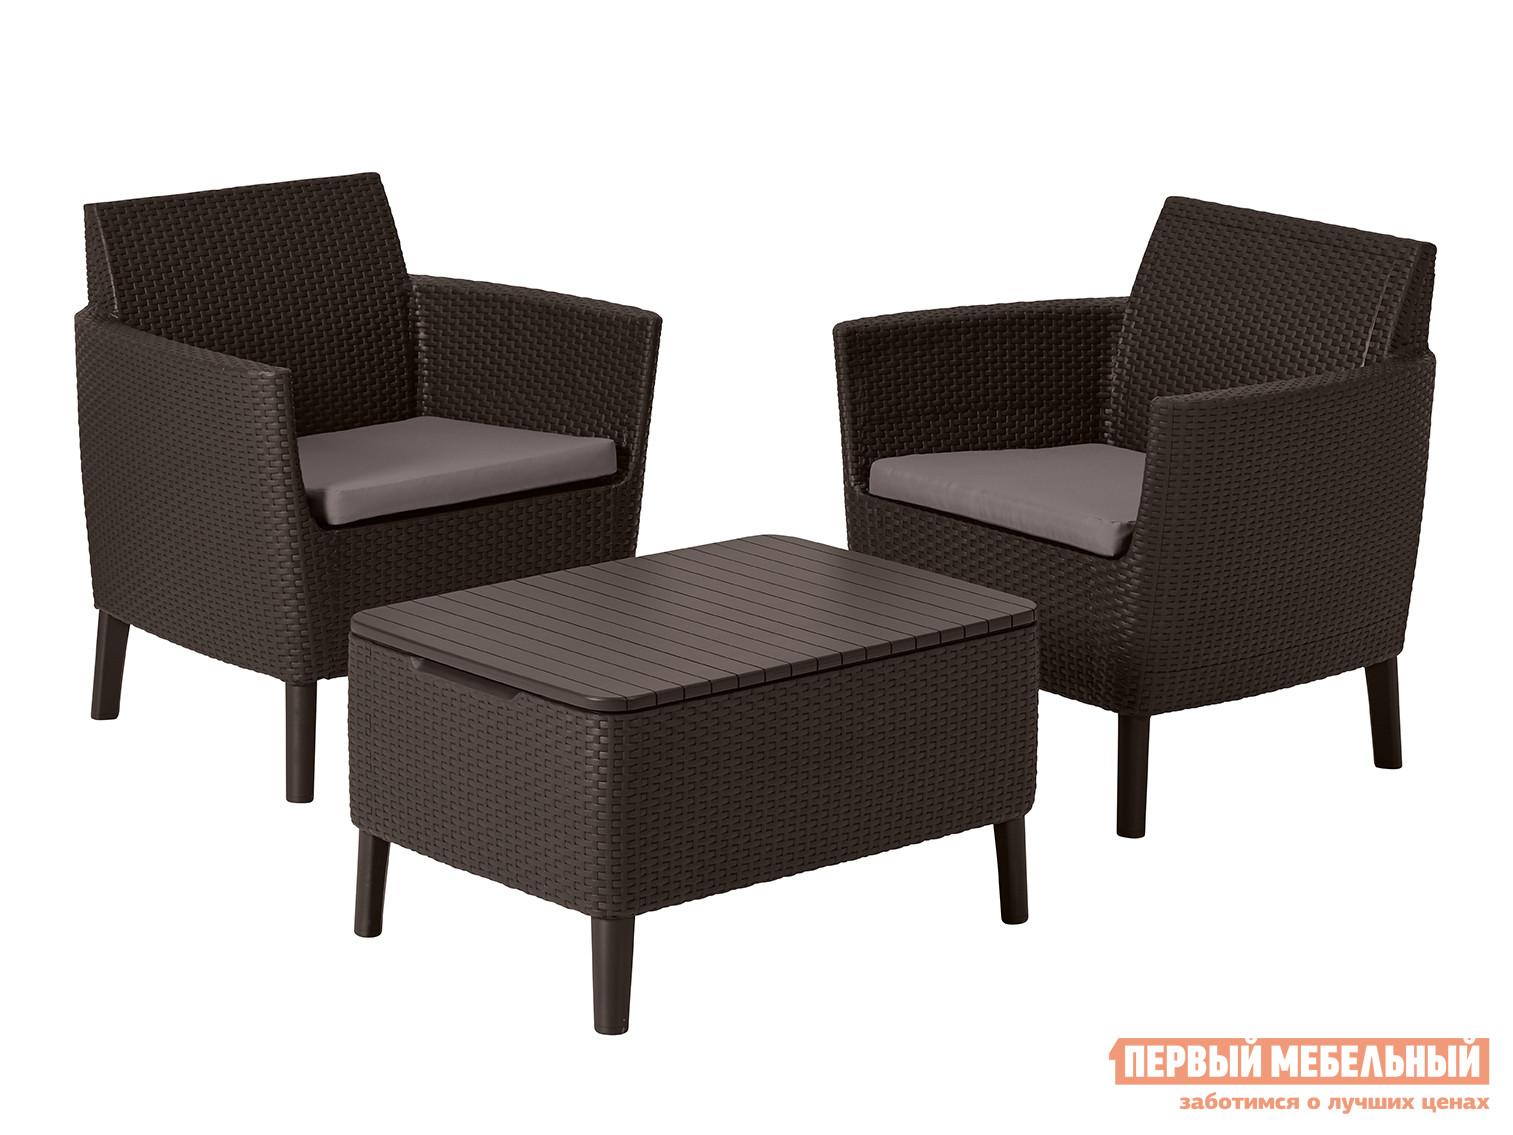 Комплект плетеной мебели Keter Комплект Salemo balcony set 17205935/ГРАФИТ комплект плетеной мебели афина мебель т503sg y290вg w1289